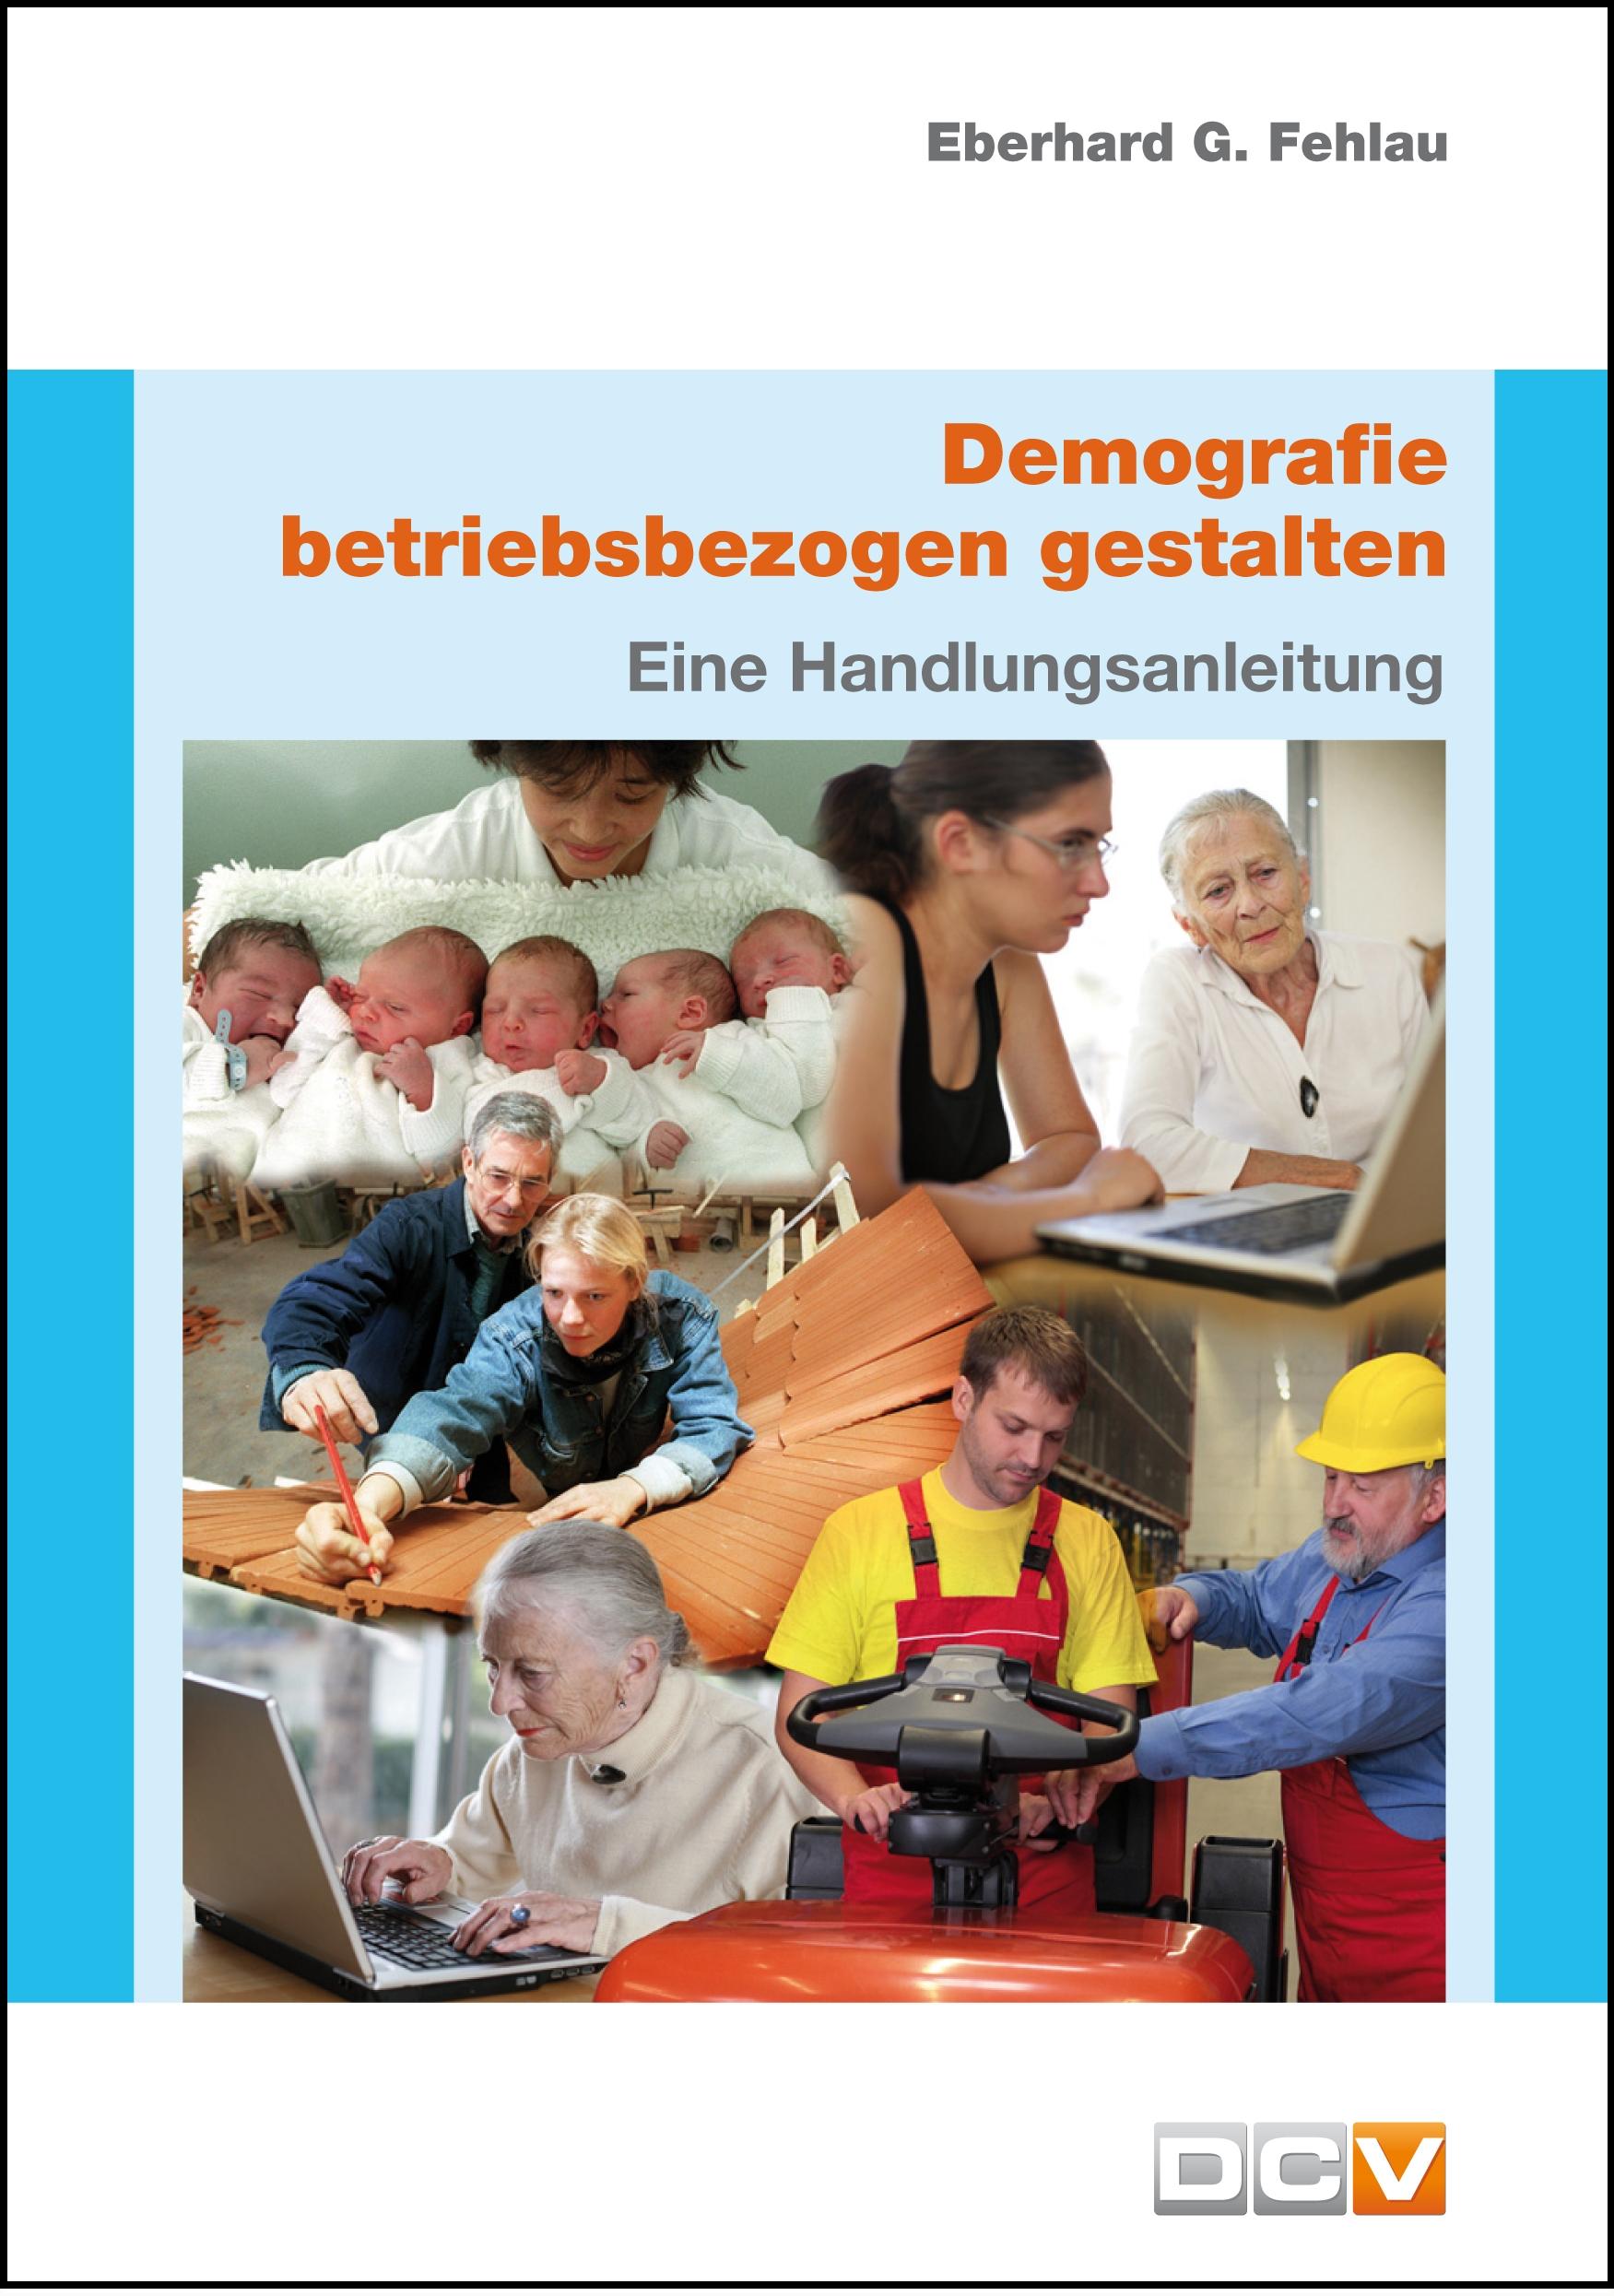 Demografie betriebsbezogen gestalten: Ein Handlungsanleitung Eberhard G. Fe ...